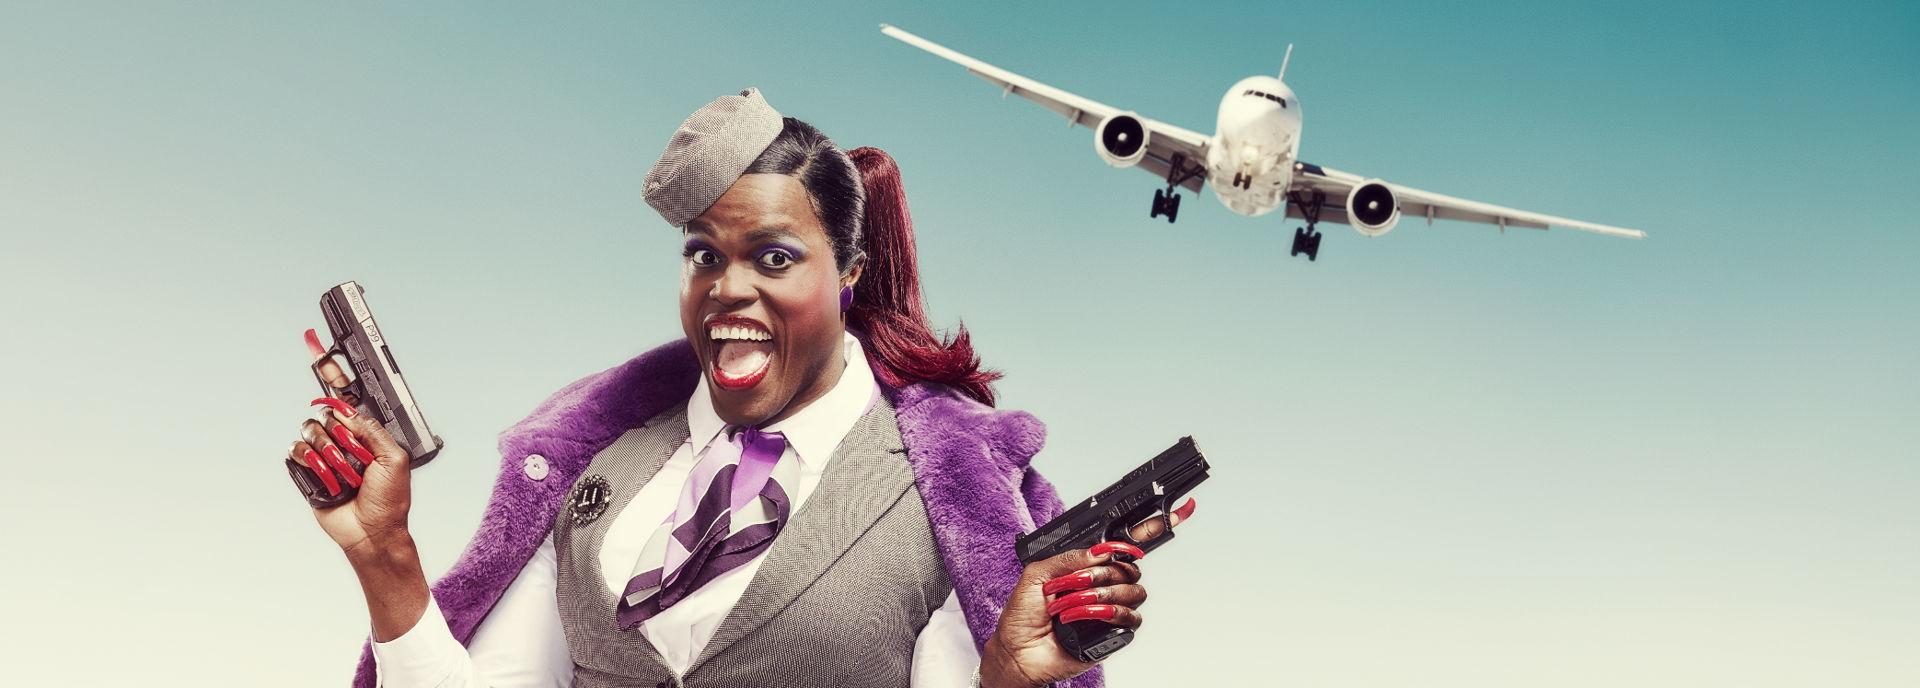 Jandino Asporaat kruipt in de huid van Judeska. Ze krijgt nog een keer de kans om aan het werk te gaan: als stewardess. Maar dat is niet zo glamoureus als het klinkt...